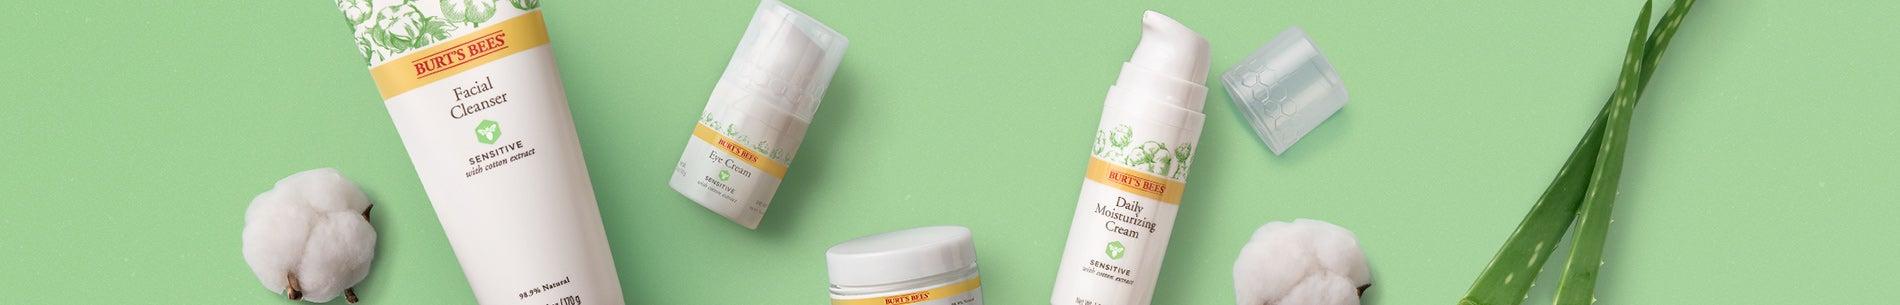 6 ingredientes para buscar en productos si tienes piel sensible